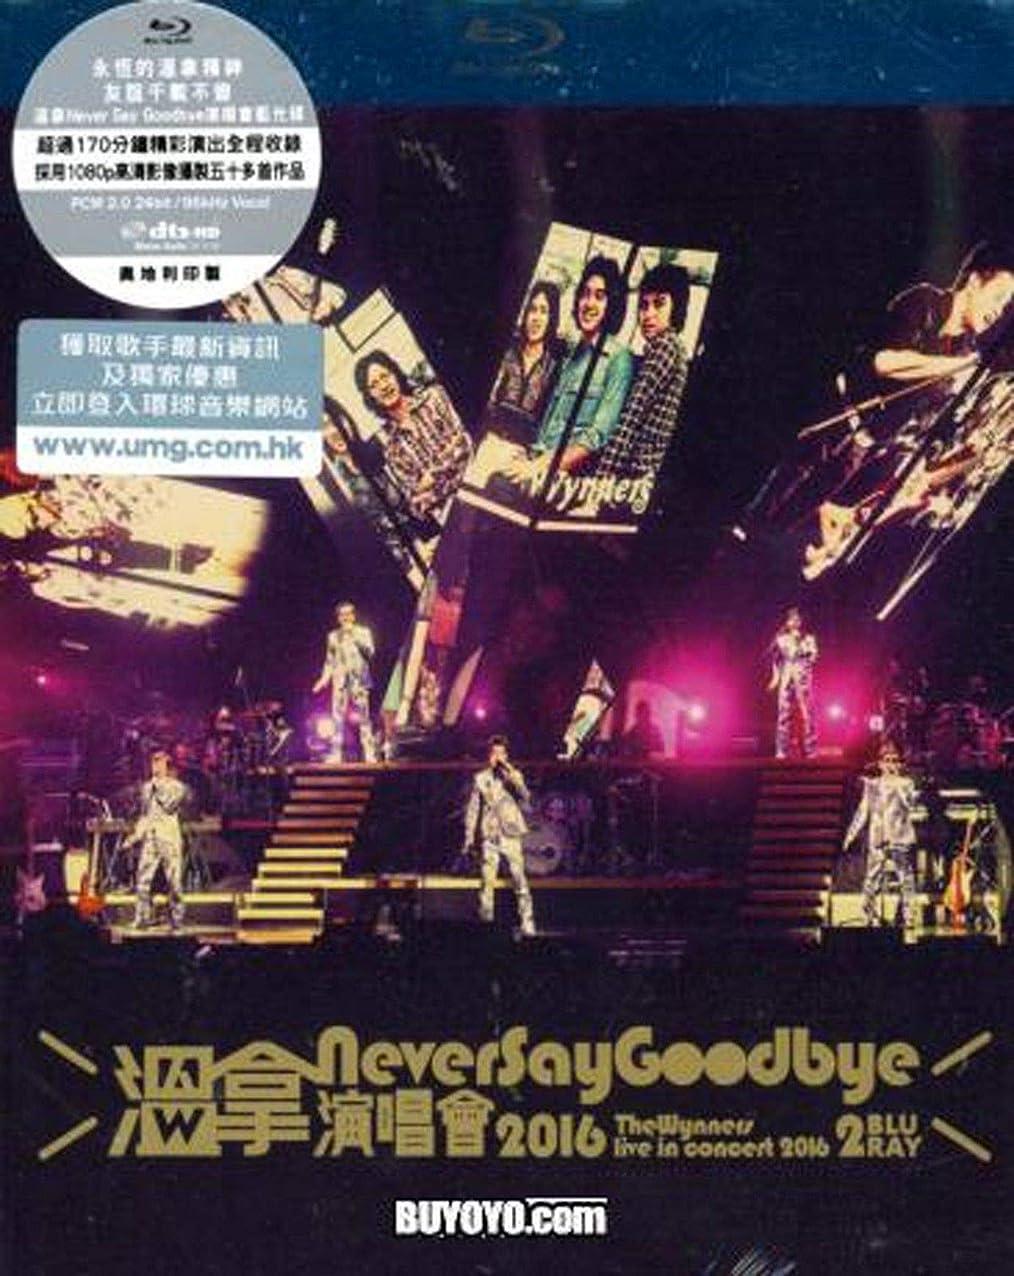 精査長椅子腫瘍Wynners Live in Concert 2016 : Never Say Goodbye [Blu-ray]